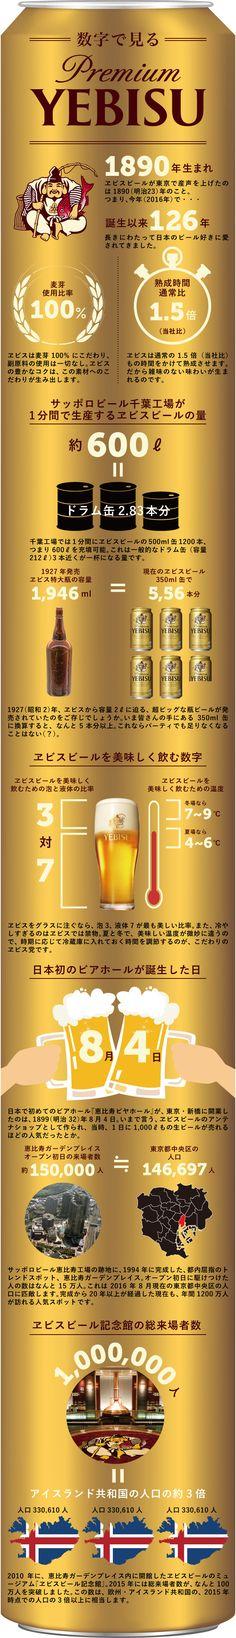 """明治時代に産声を上げたヱビスビール。まだ日本にビールという文化が根付く以前から、圧倒的こだわりをもって、日本のビール好きたちを楽しませてきました。この長い長い歴史を俯瞰すれば、様々な要素が""""数字""""と... Web Design, Graphic Design, Infographics, Beer, Chart, Japan, Drink, Food, Root Beer"""